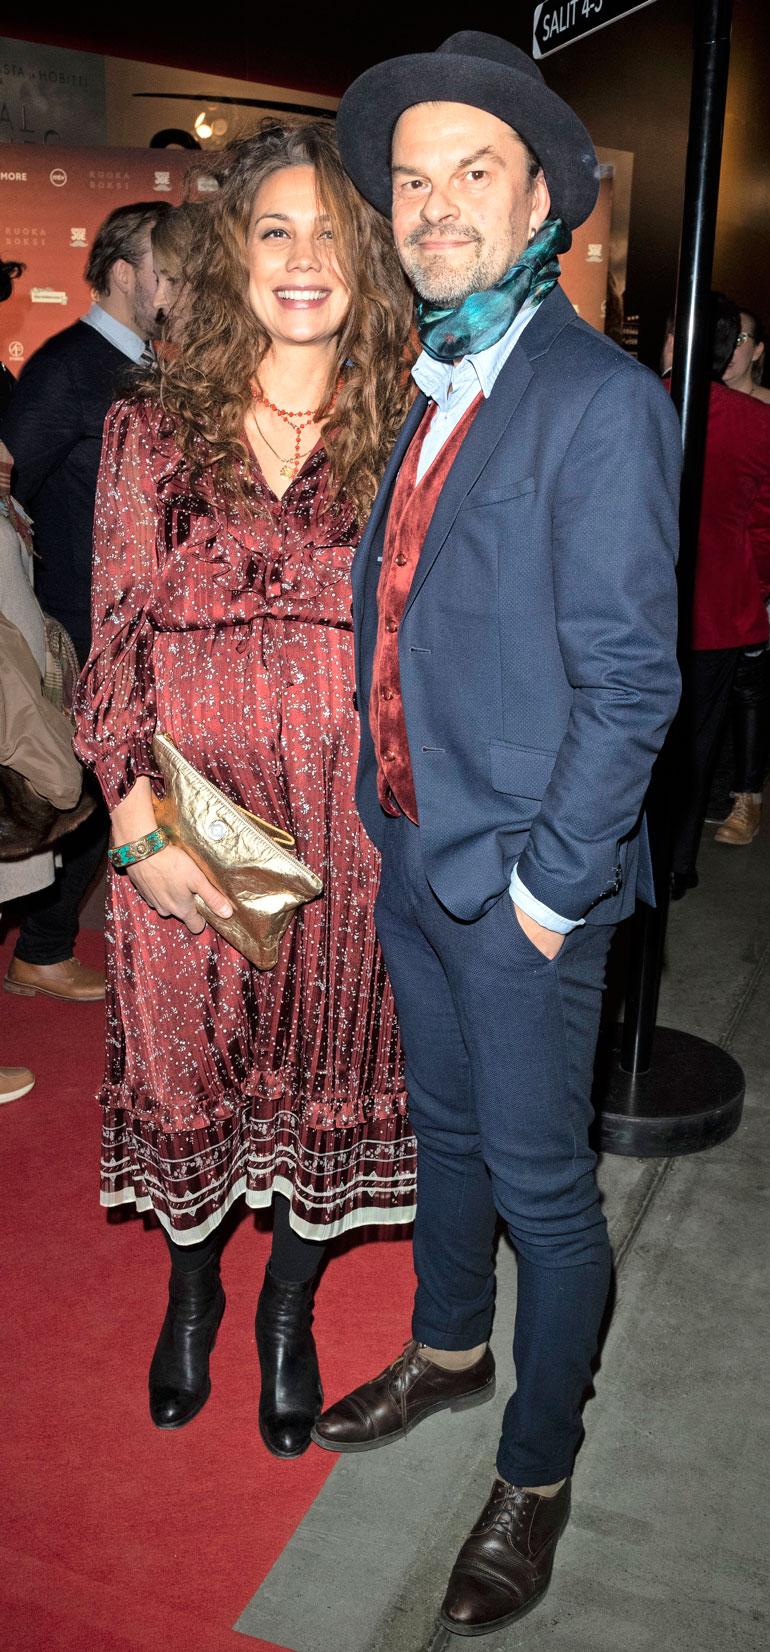 Manuela Bosco ja Tuure Kilpeläinen paljastivat vauvauutisen Swingers-elokuvan kutsuvieras-ensi-illassa.